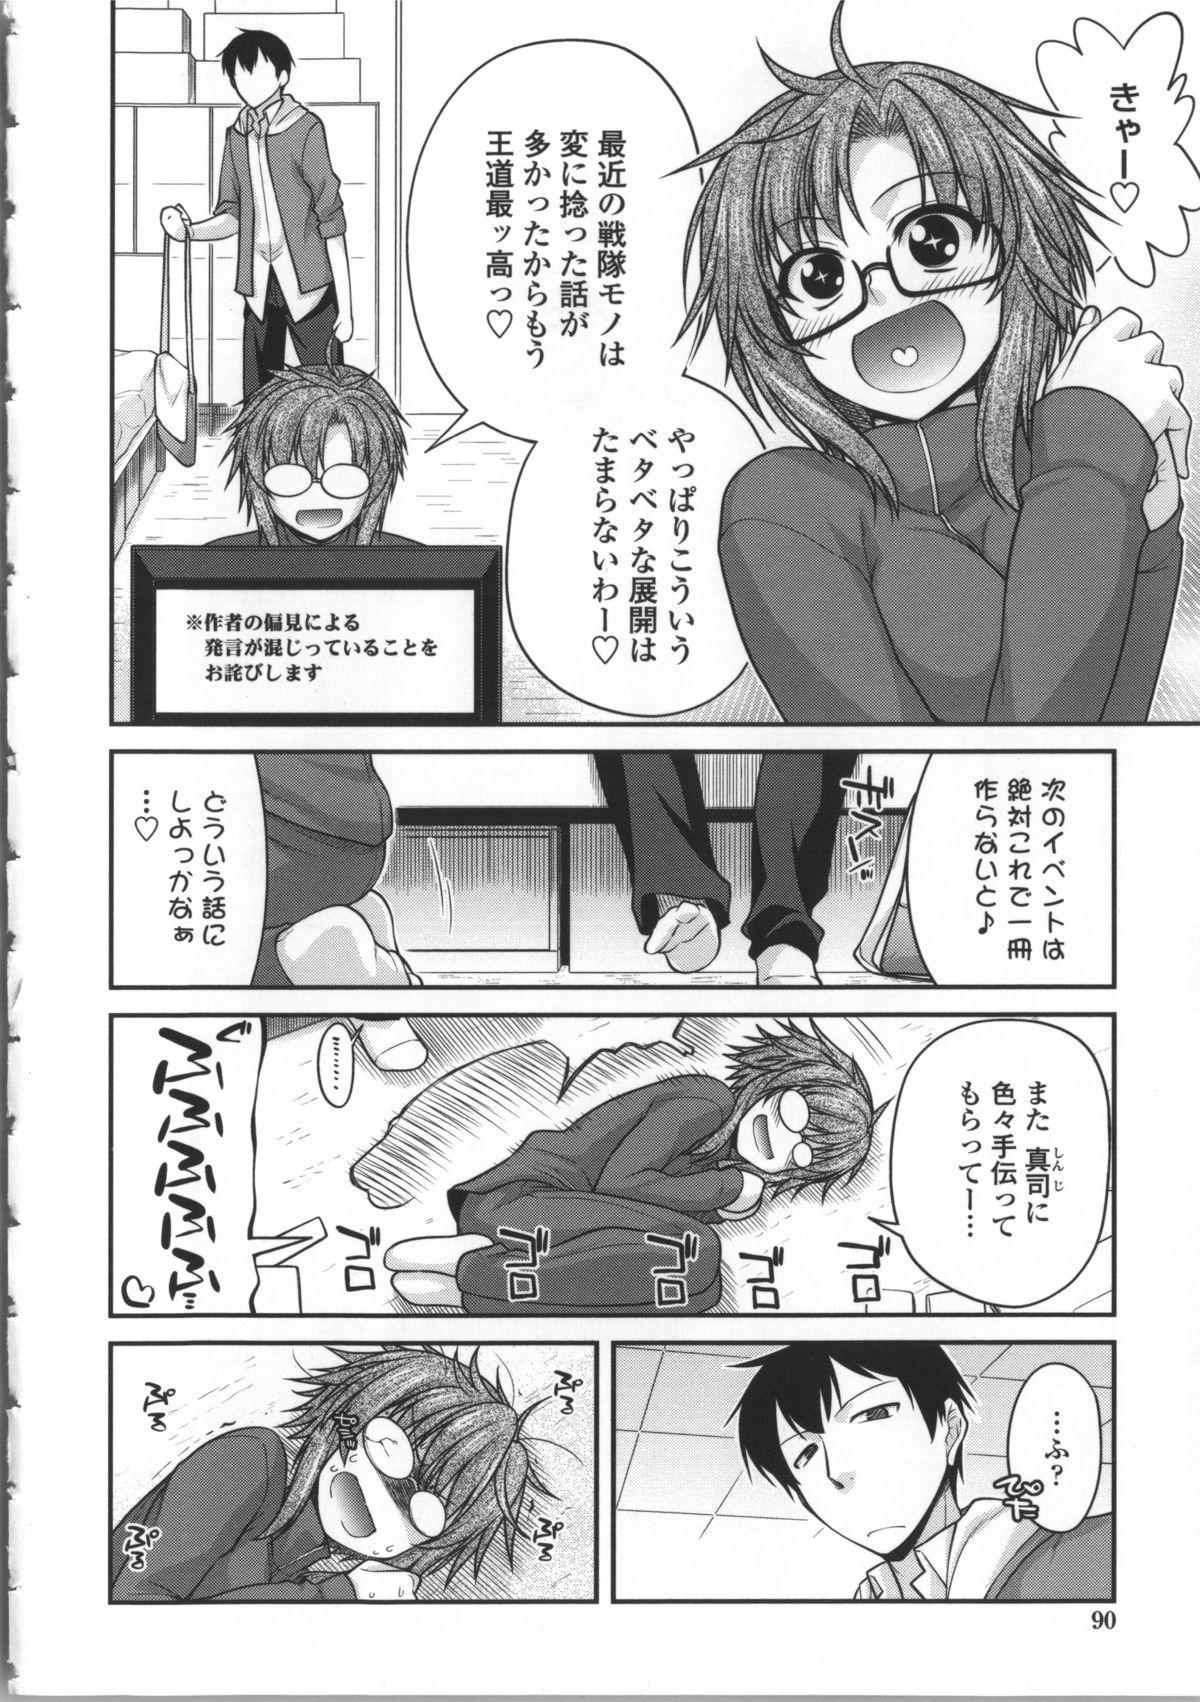 Yamato Nadeshiko Breast Changes 89